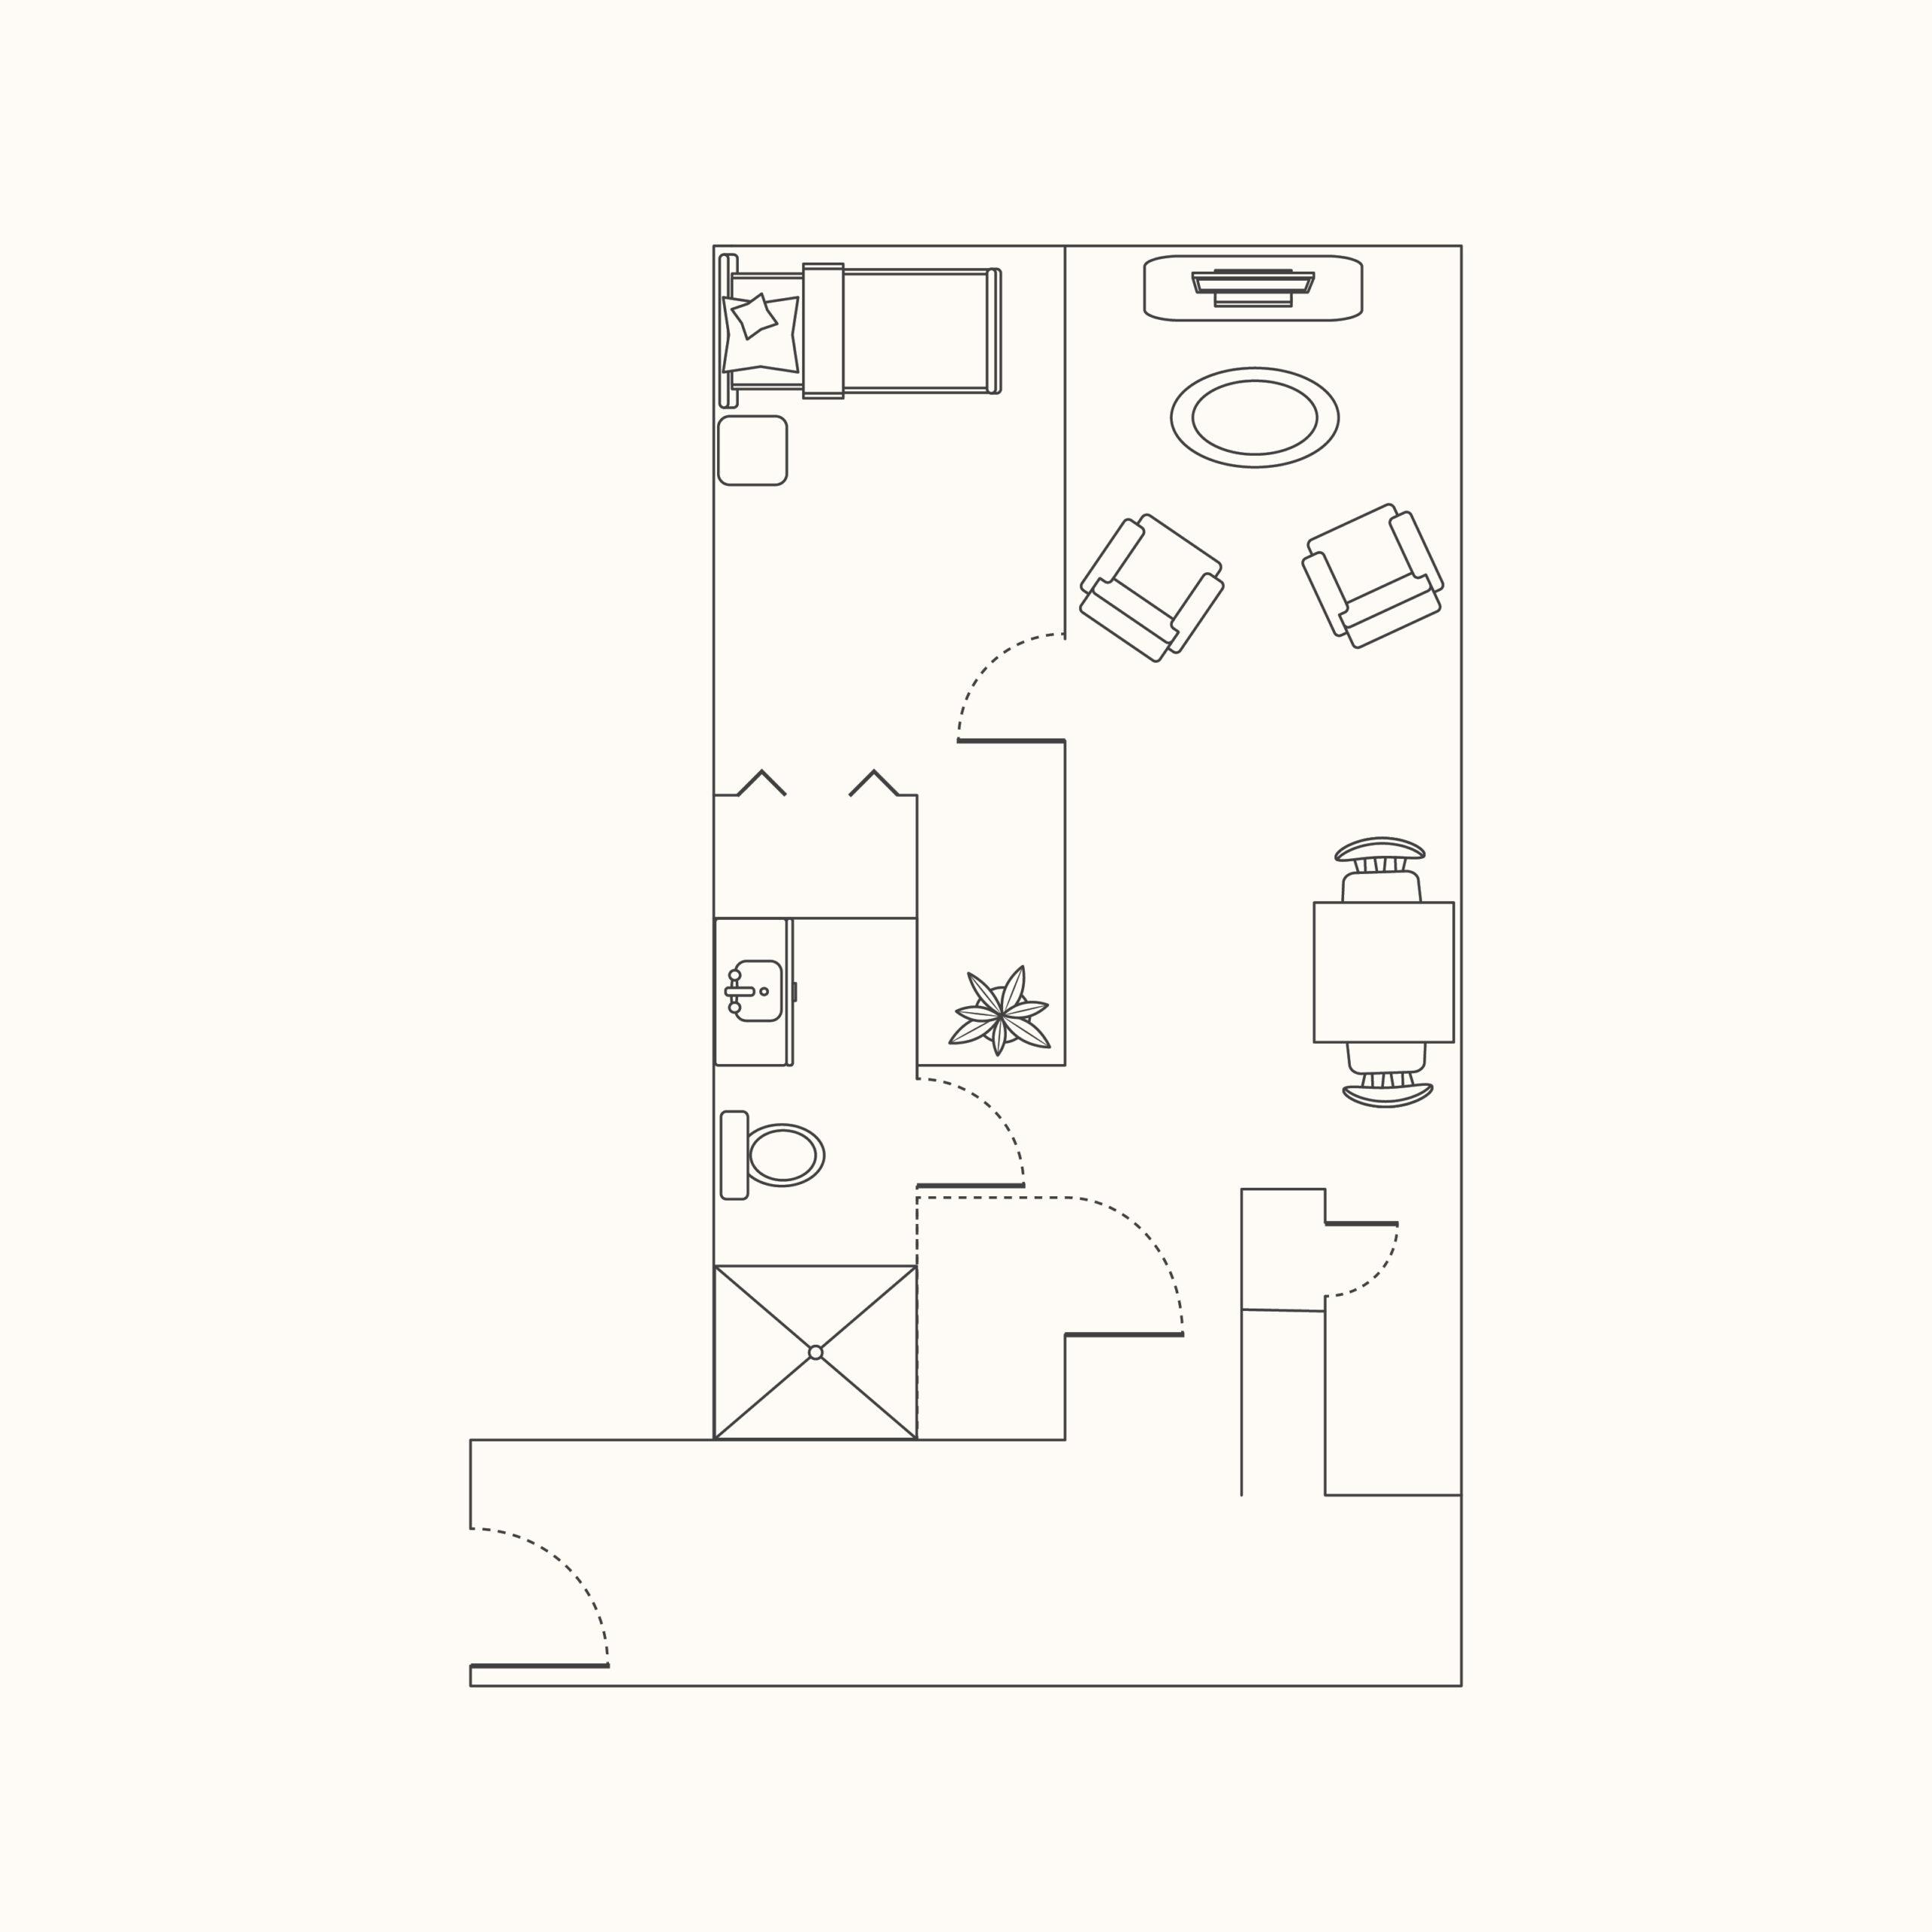 Plan C - 1 Bedroom